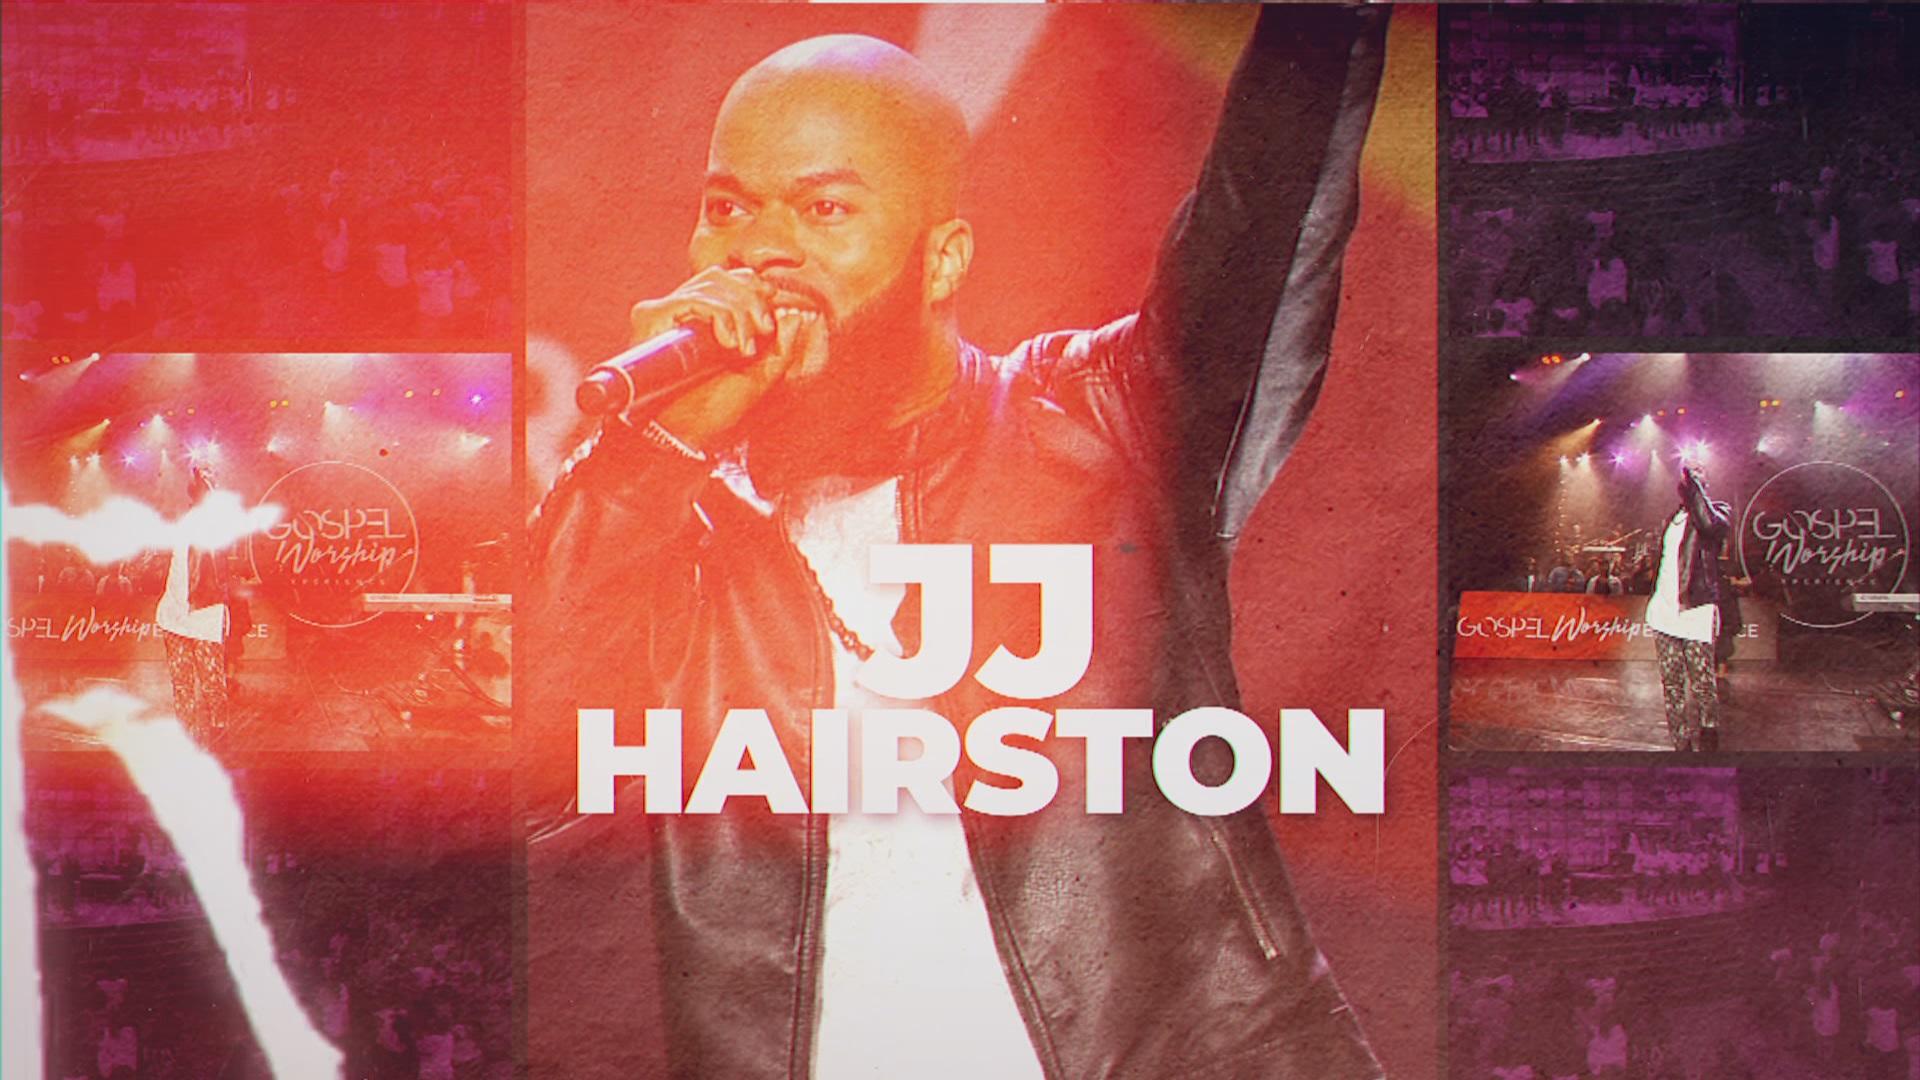 Guest JJ Harrison